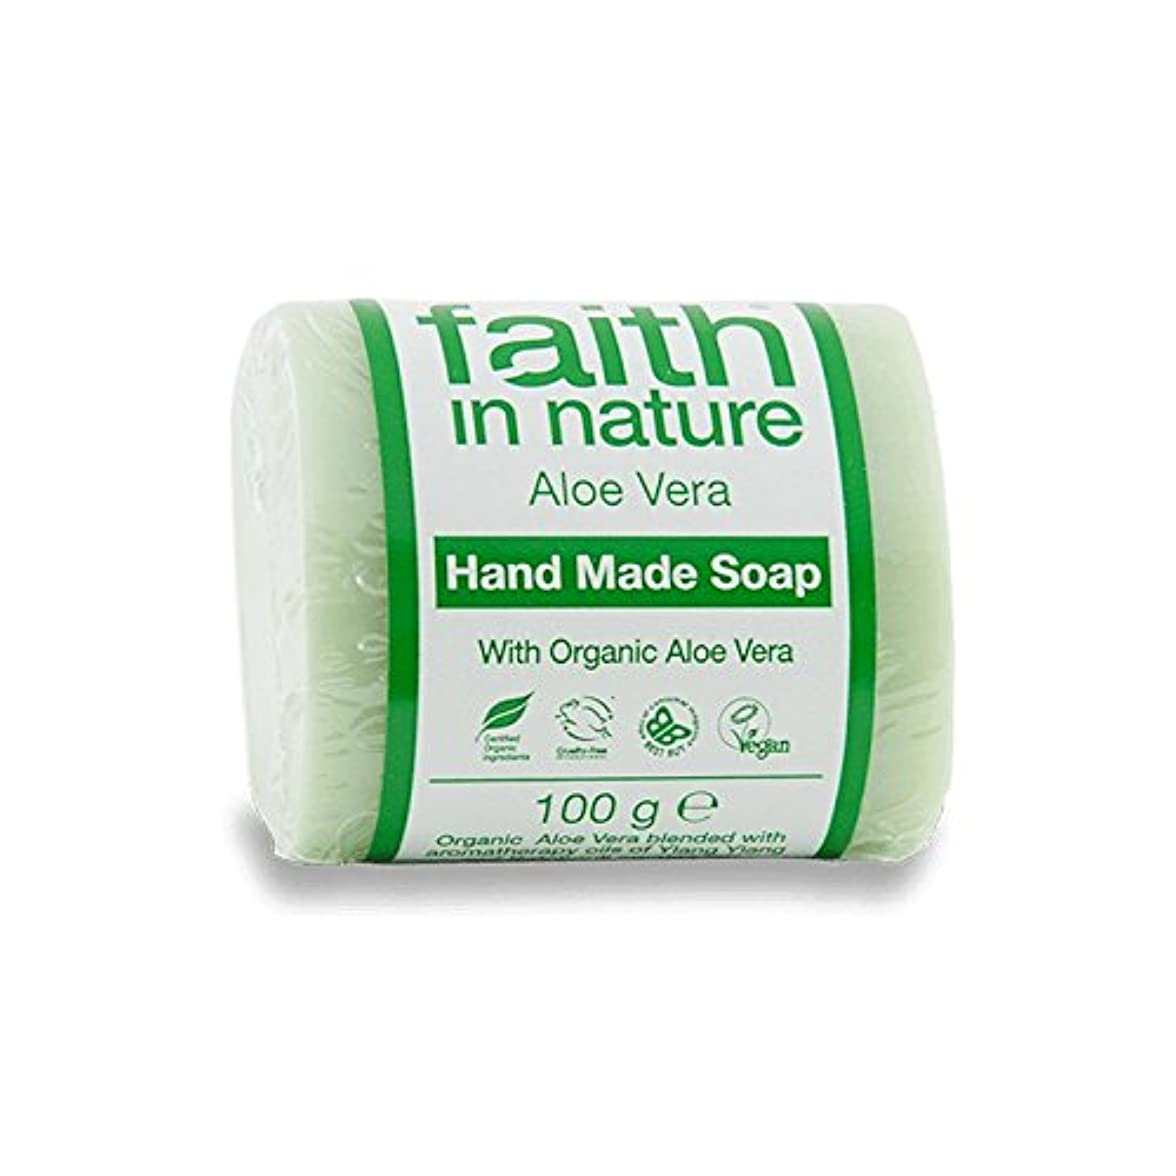 魂アレキサンダーグラハムベル政策Faith in Nature Aloe Vera with Ylang Ylang Soap 100g (Pack of 2) - イランイランソープ100グラムと自然のアロエベラの信仰 (x2) [並行輸入品]